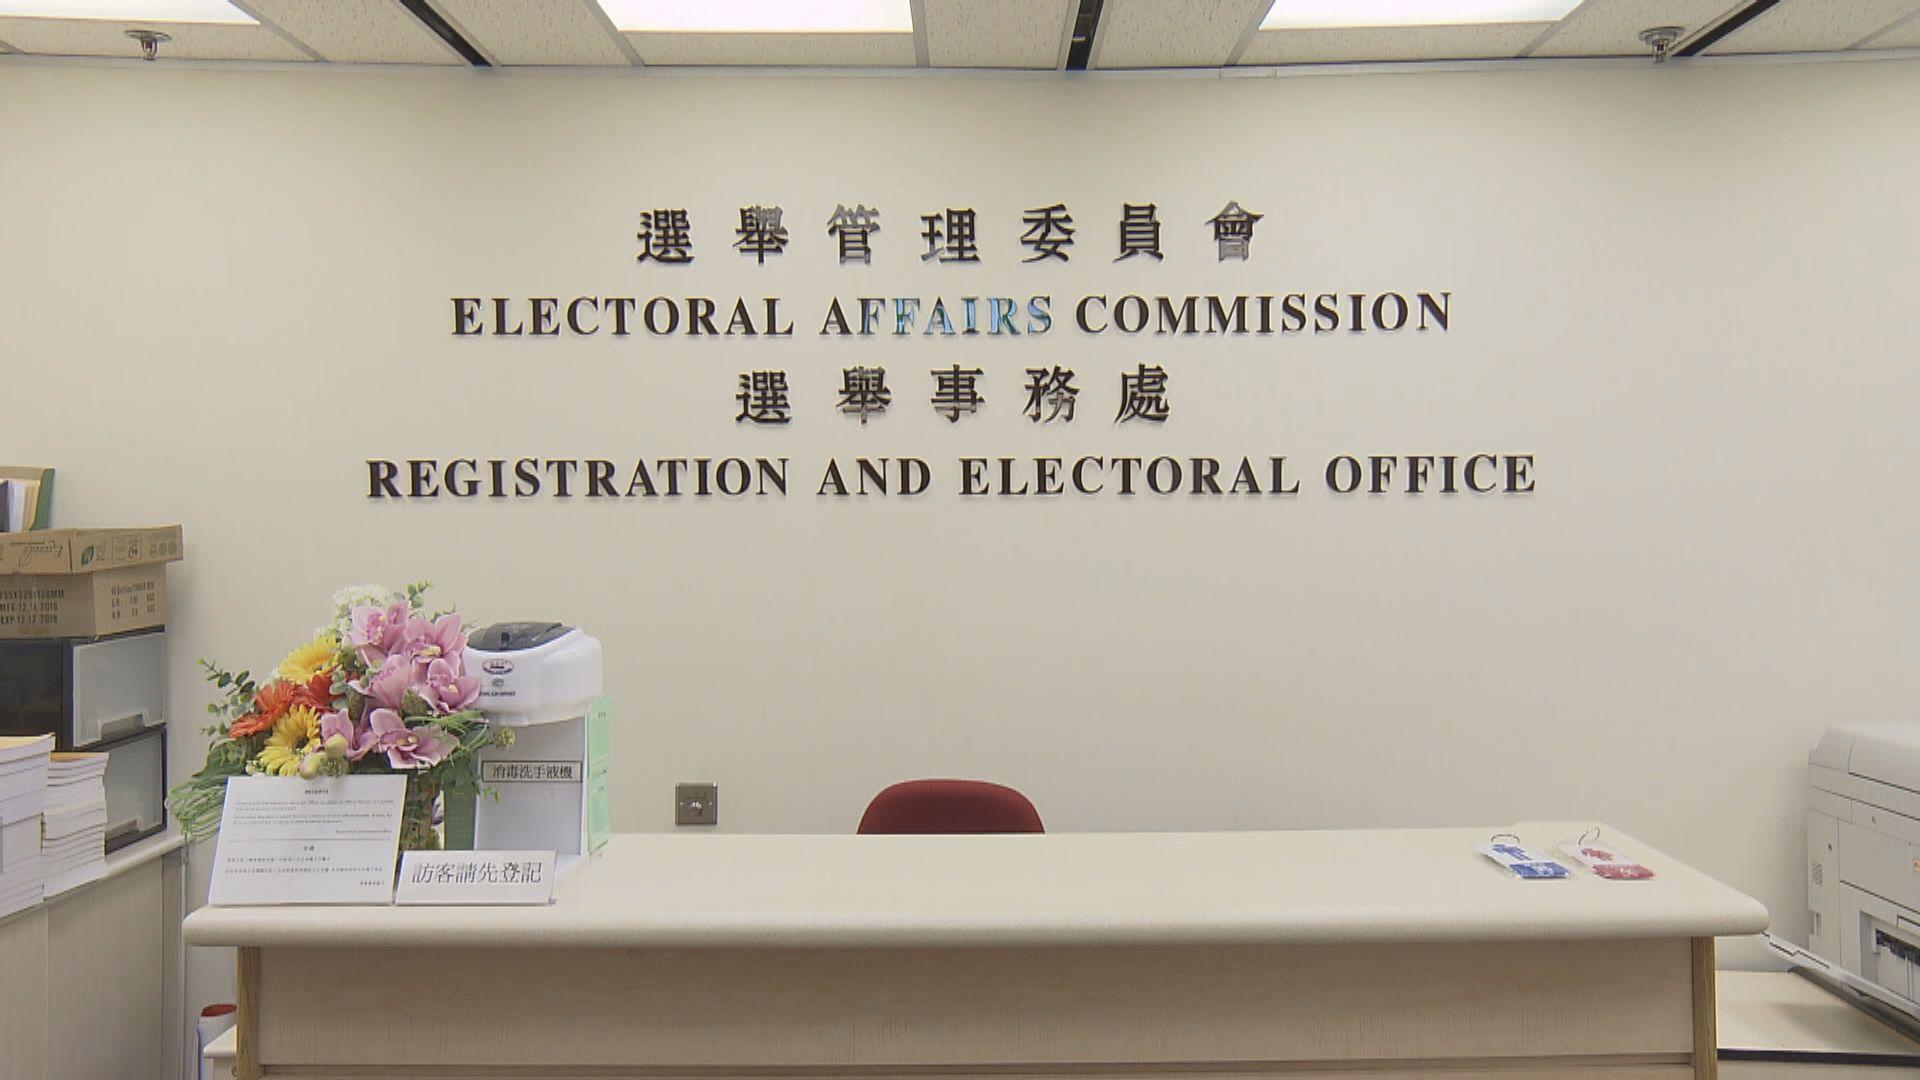 【破歷年紀錄】新登記選民逾40萬名 全港選民達445萬